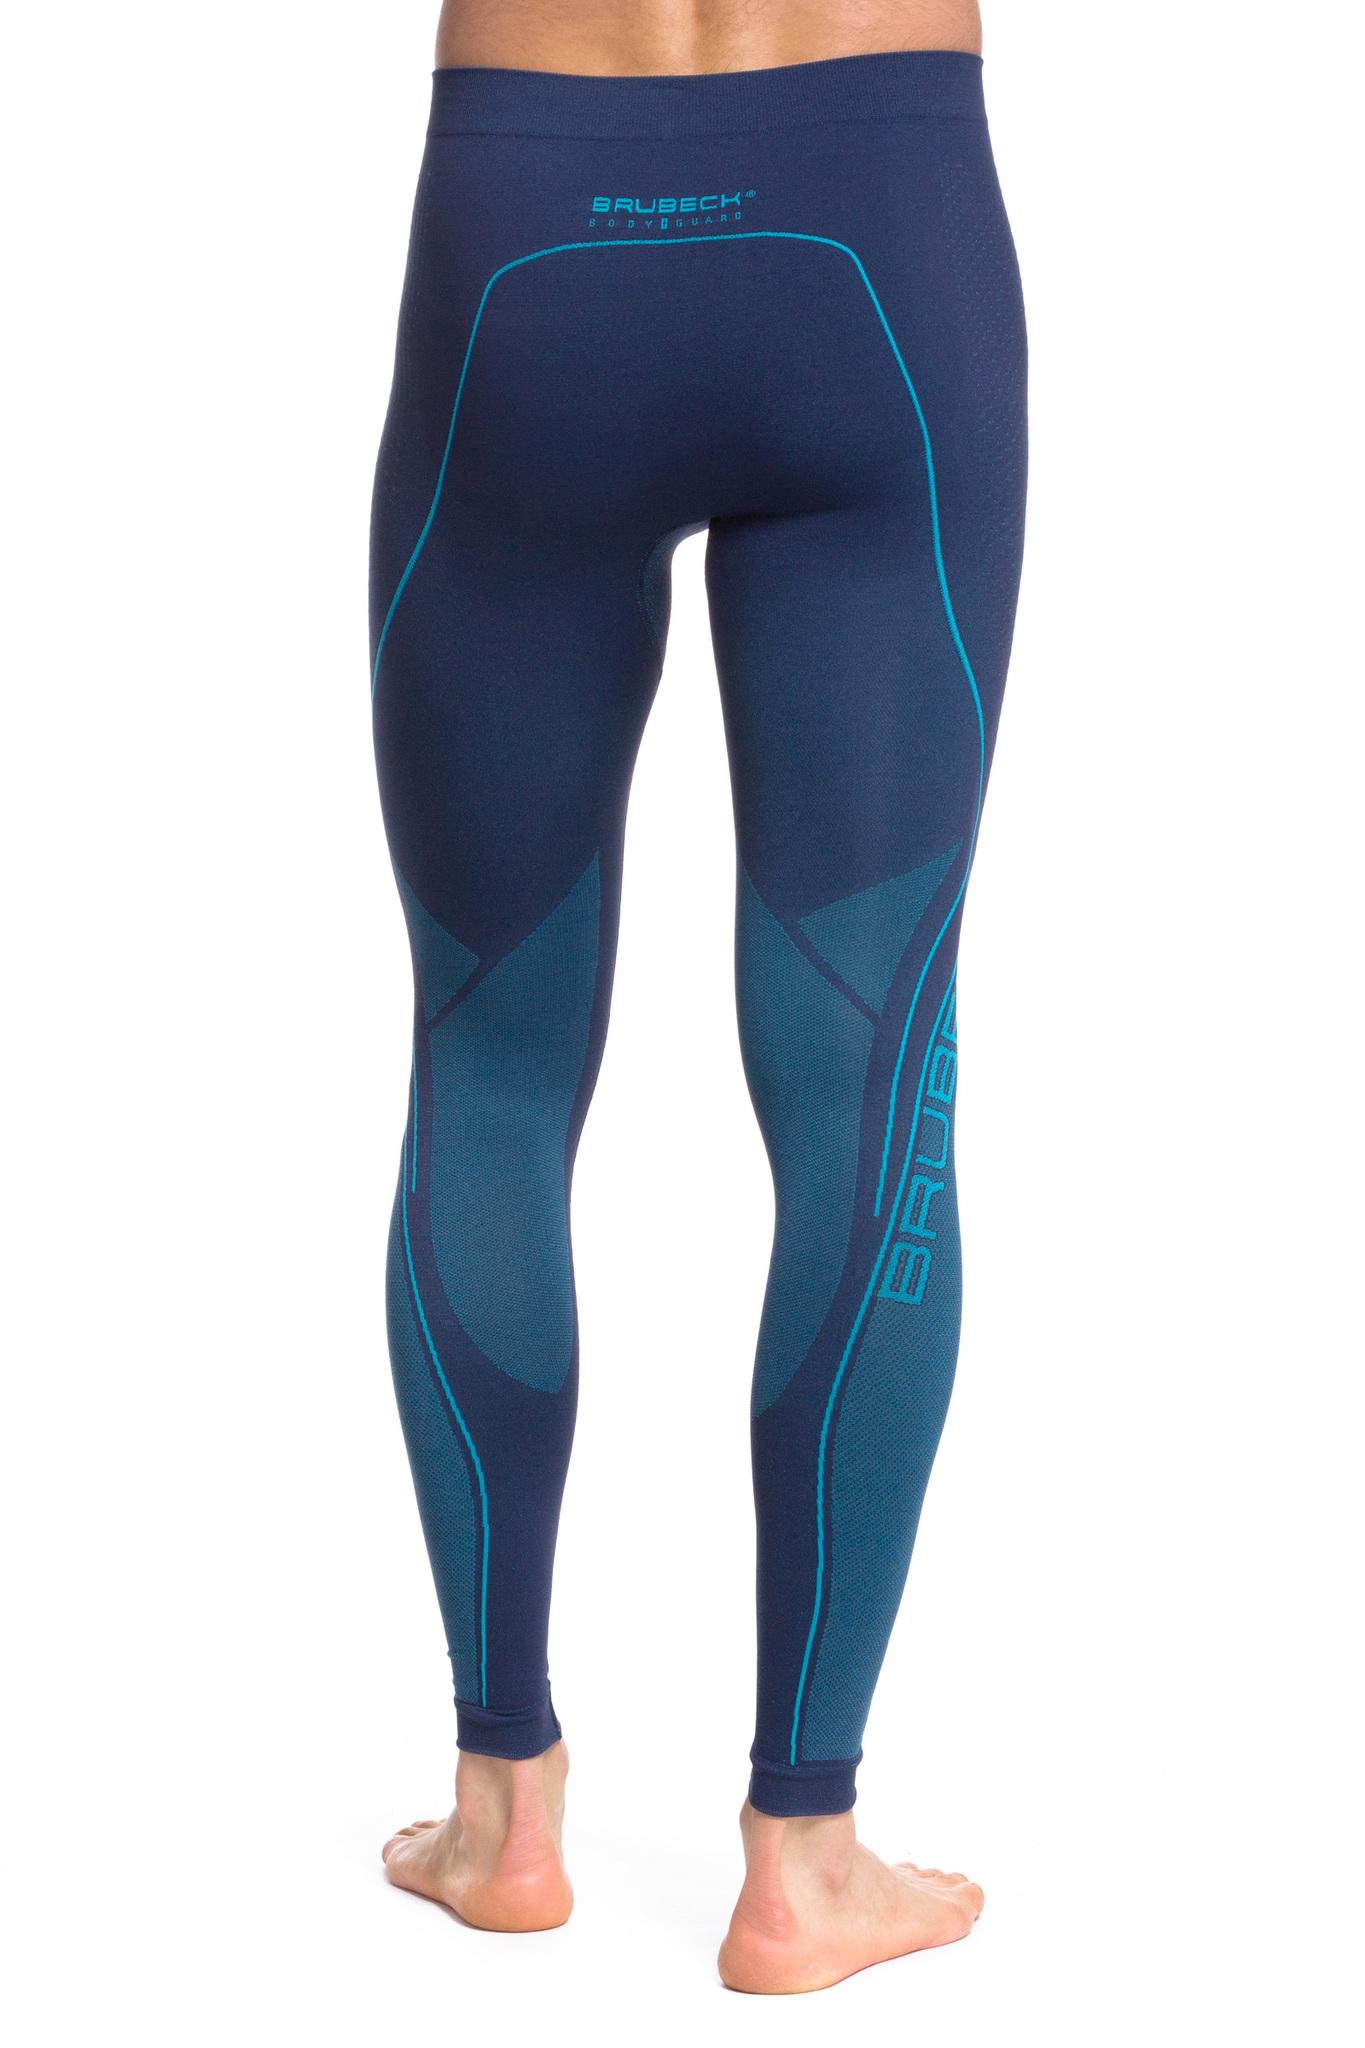 Мужские термокальсоны Brubeck Thermo BodyGuard (LE10430) синие фото